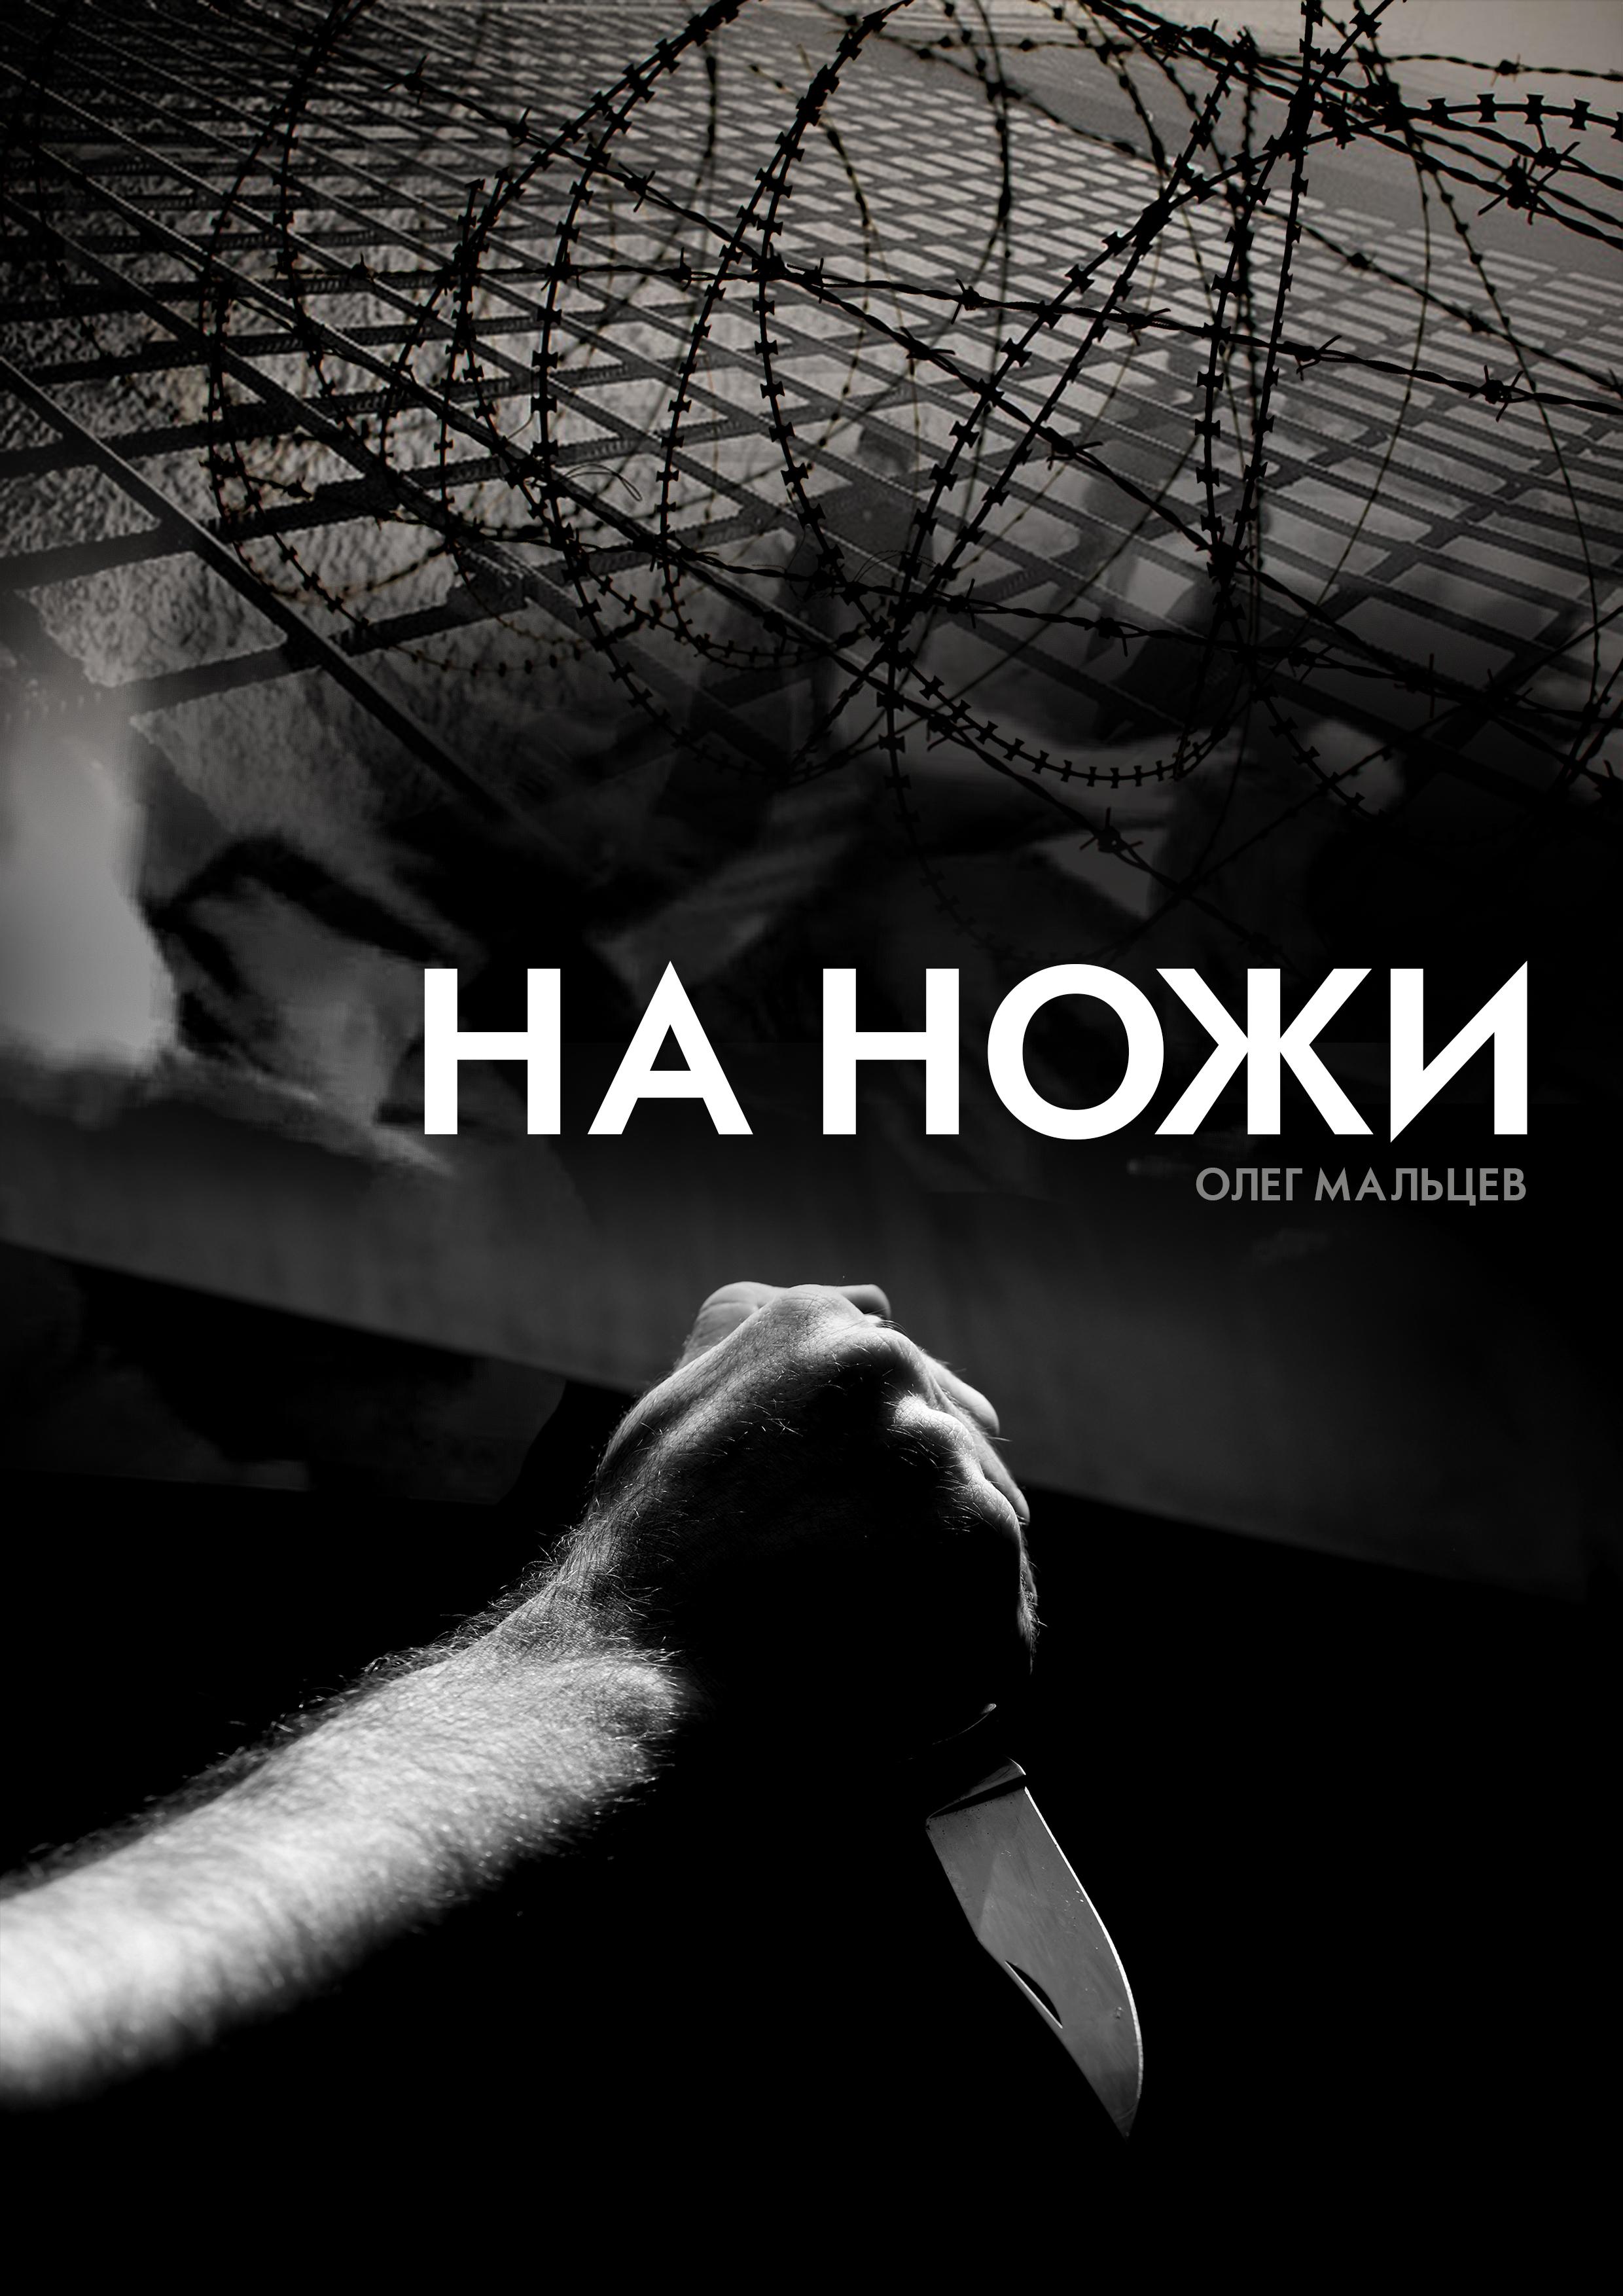 НА НОЖИ. Олег Мальцев